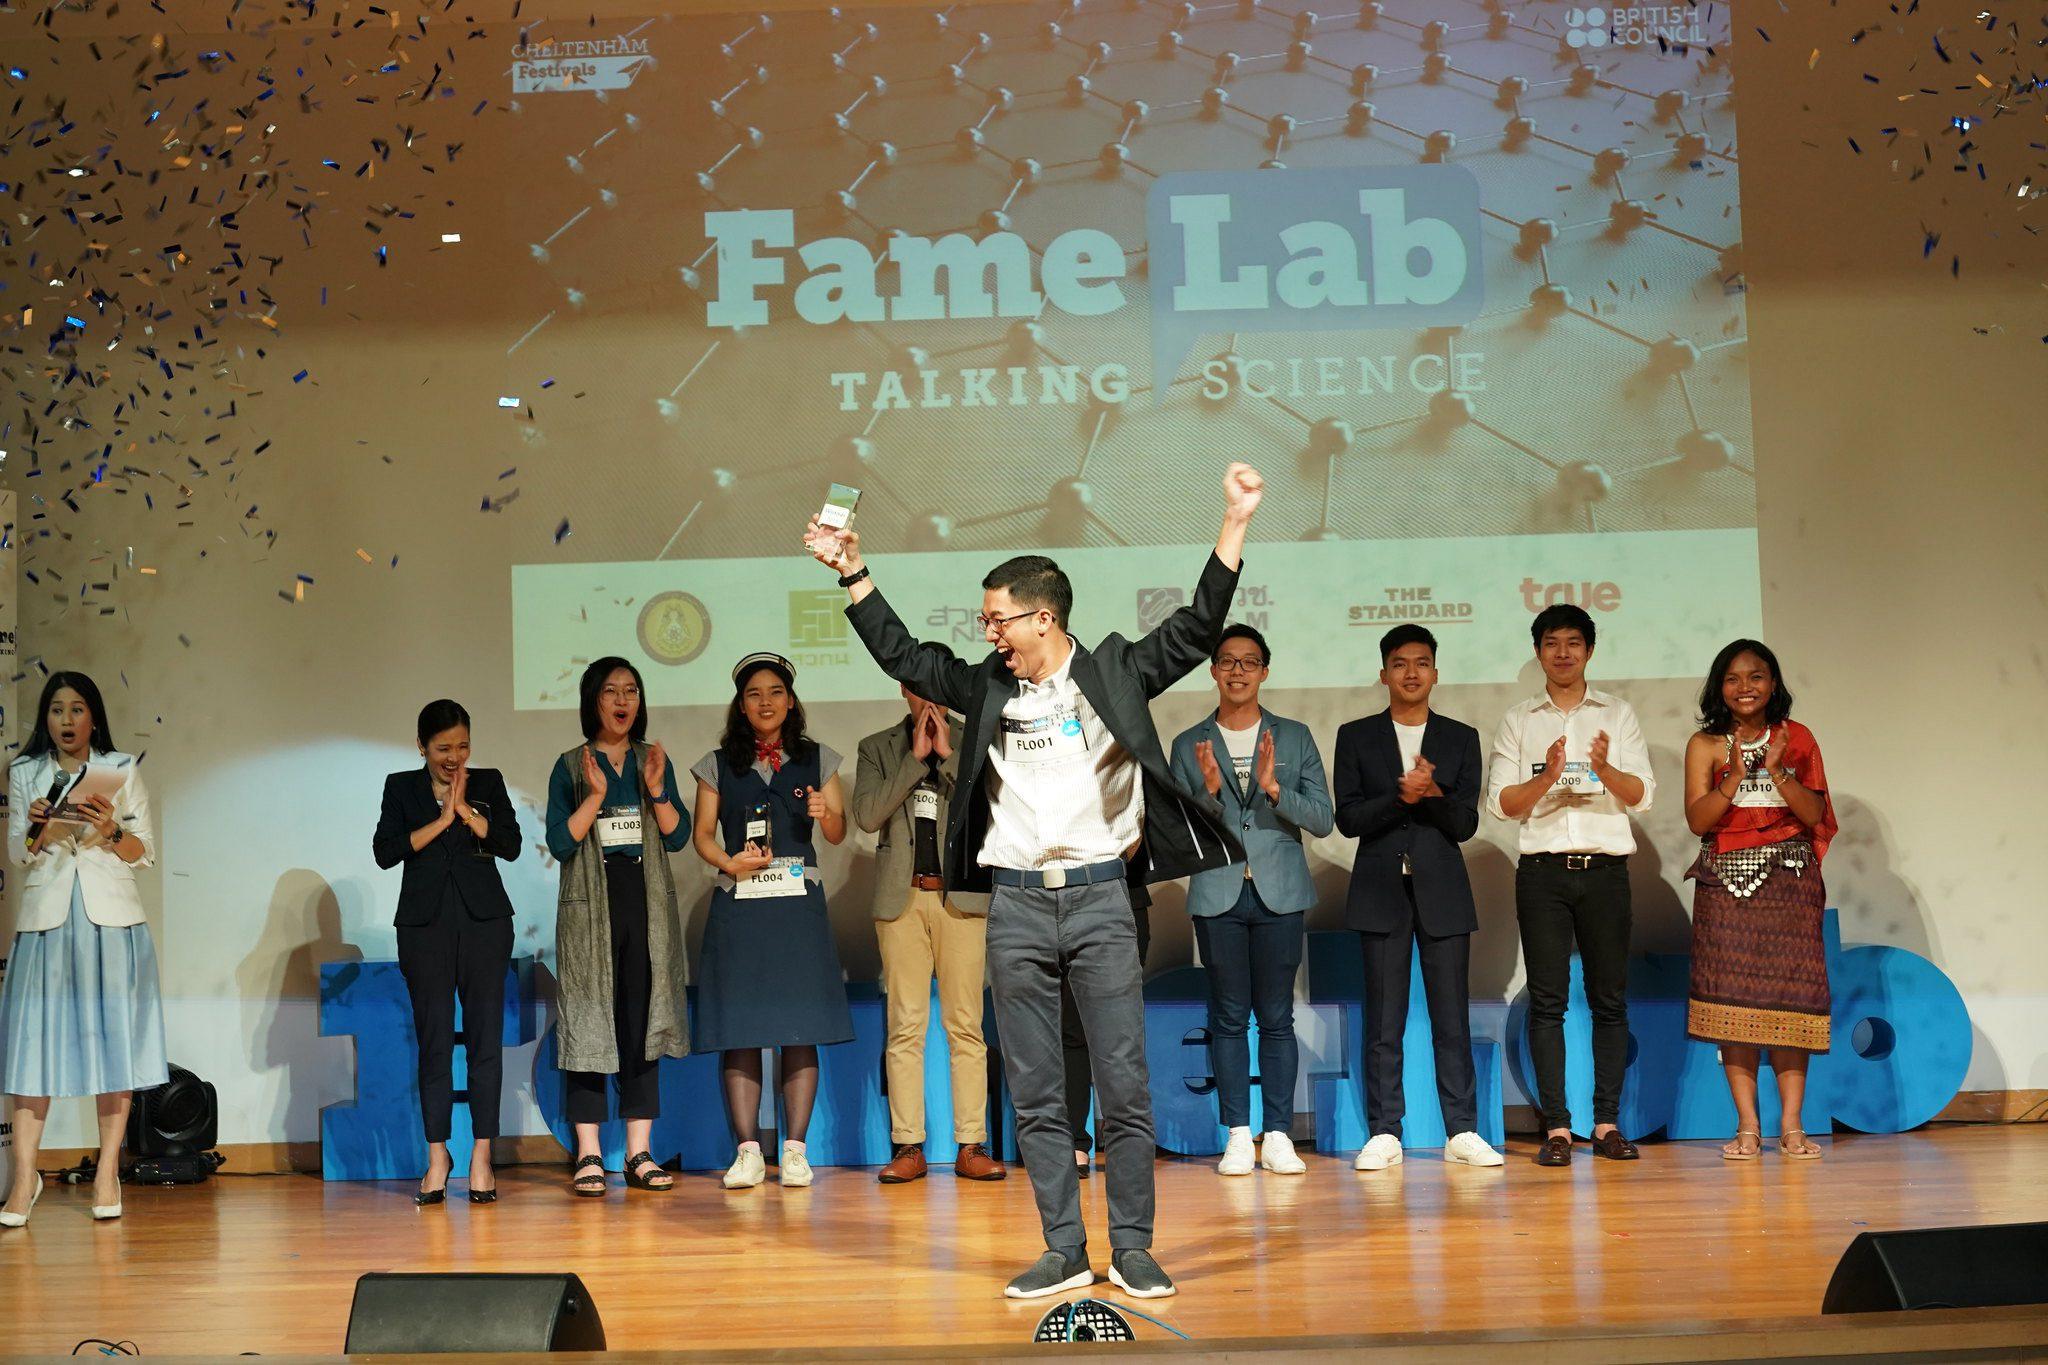 """บริติช เคานซิล กระทรวง อว. กลุ่มทรู ร่วมเดินหน้าปั้นนักวิทย์ไทย """"เฟมแล็บไทยแลนด์ 2021"""" เฟ้นหานักสื่อสารวิทย์แข่งขันเวทีโลก"""